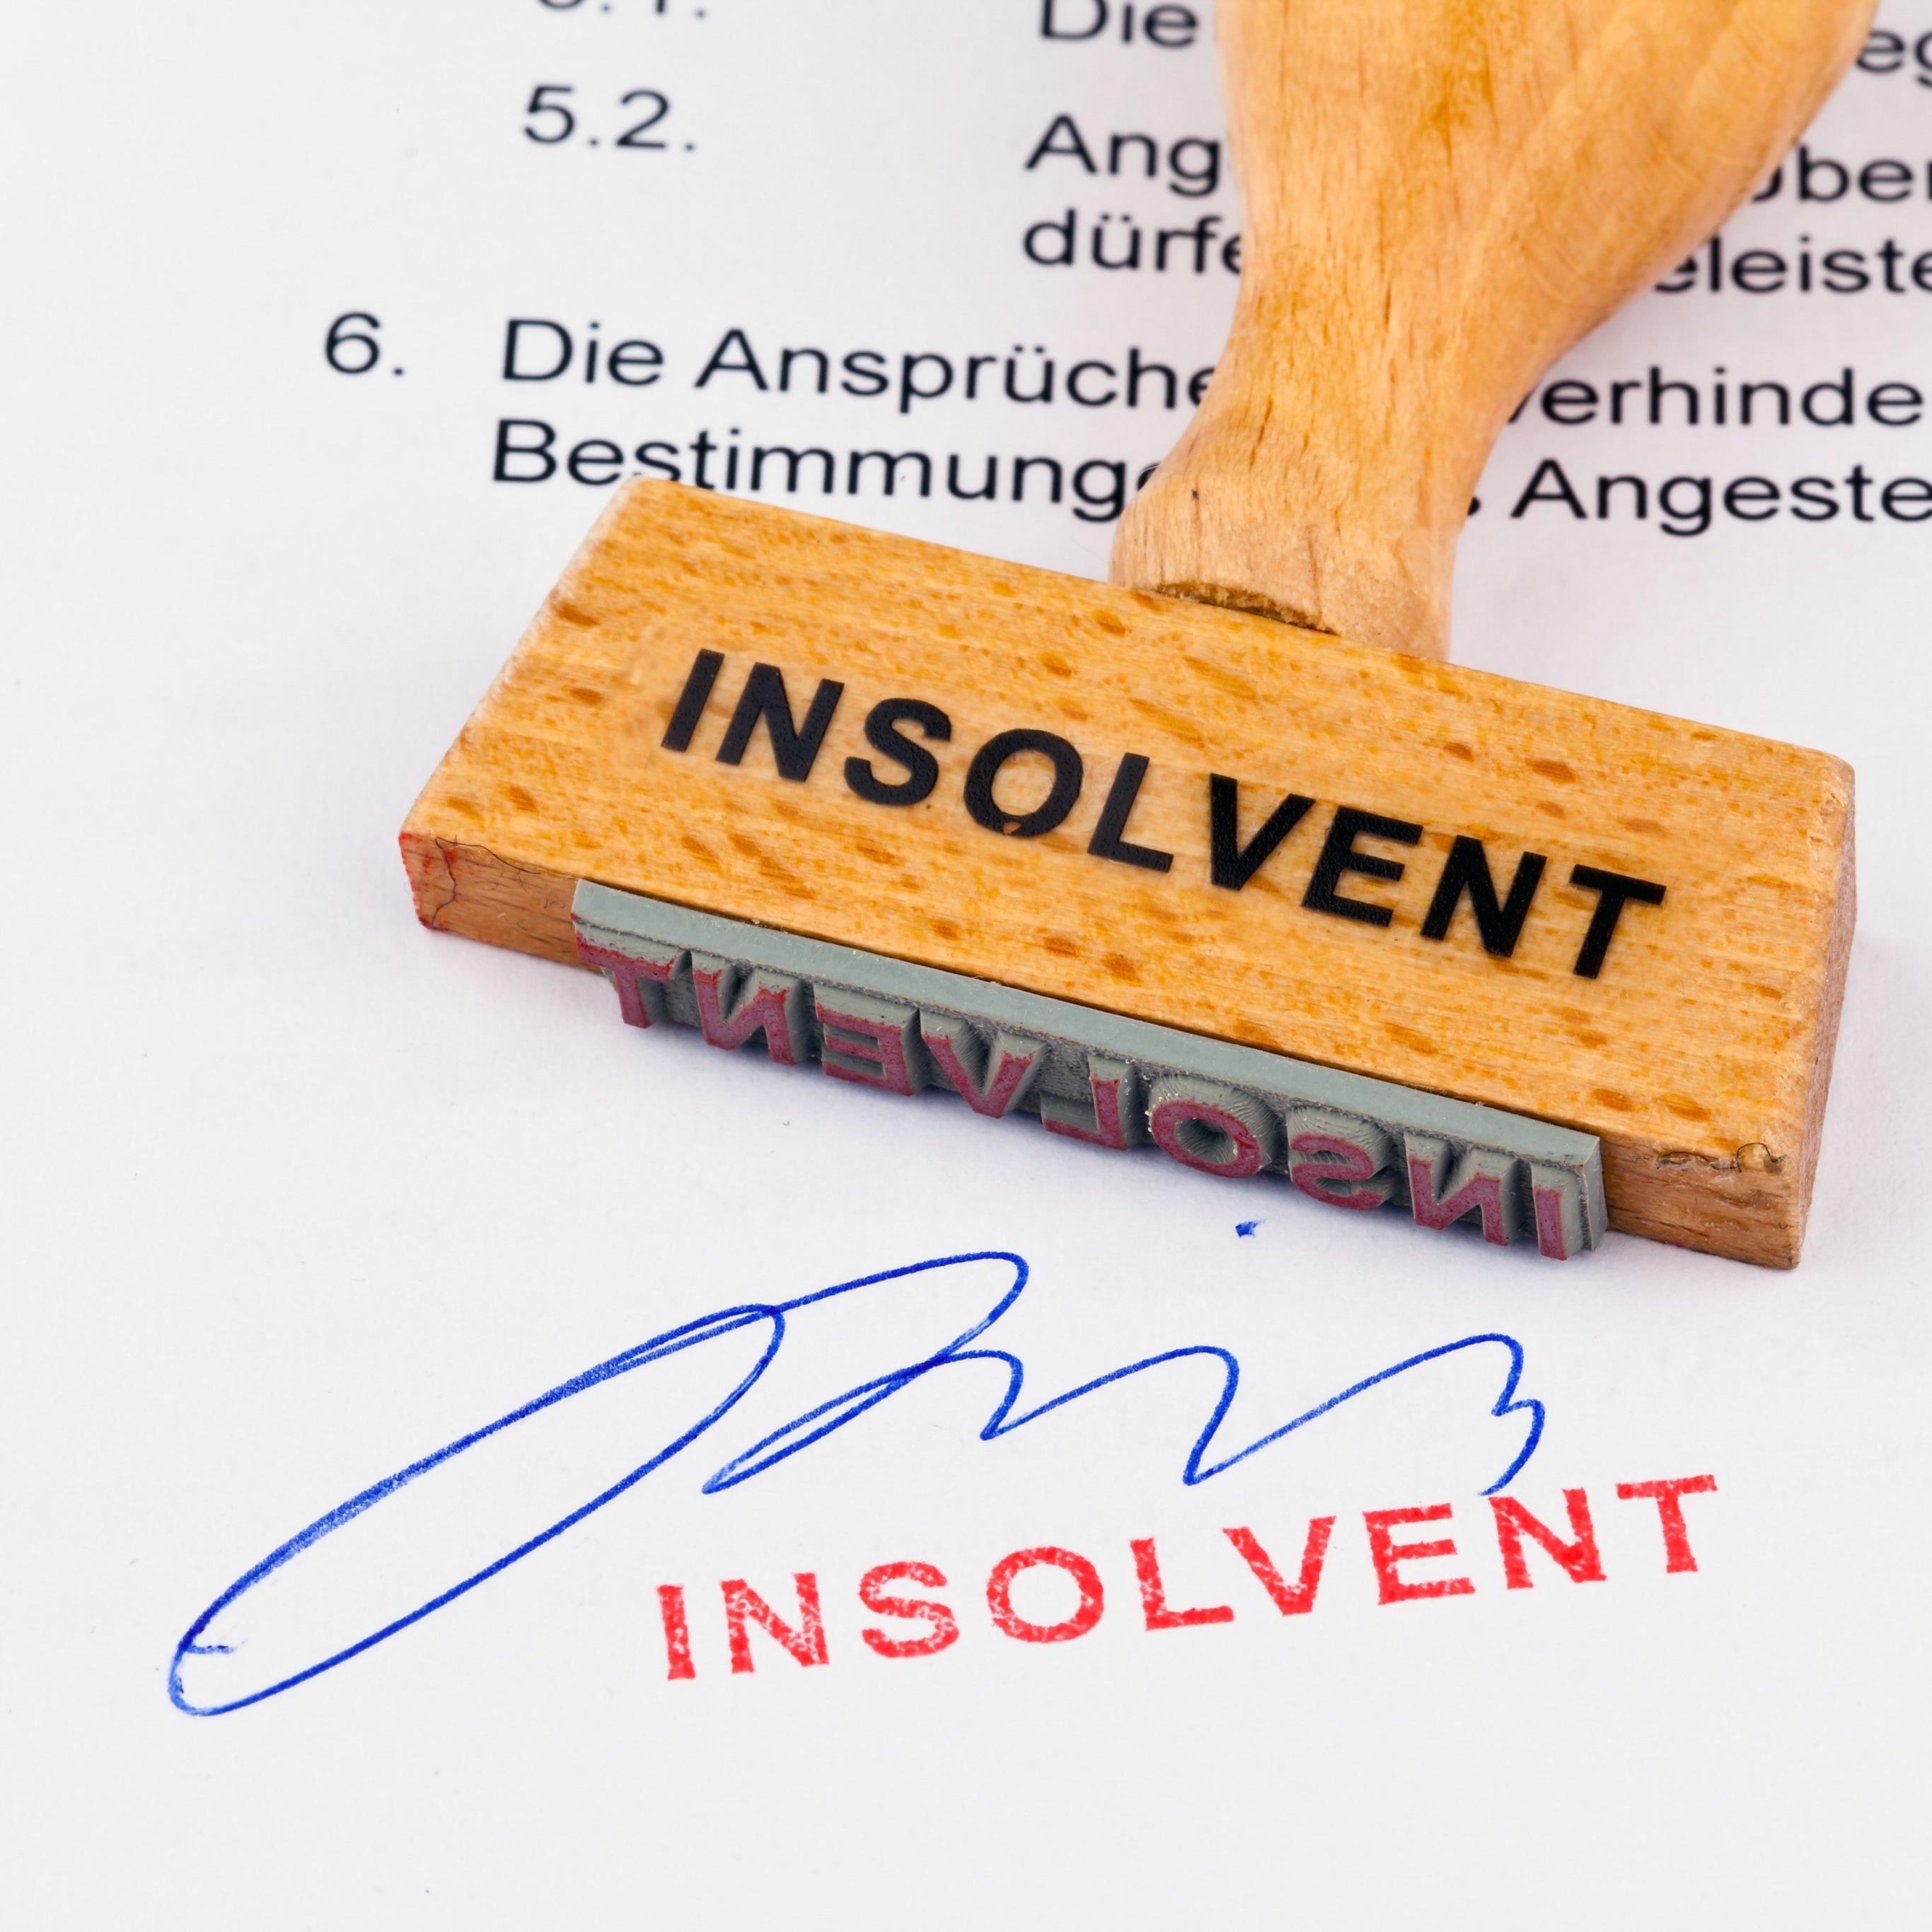 Die re-solution engineering GmbH musste Insolvenz anmelden.